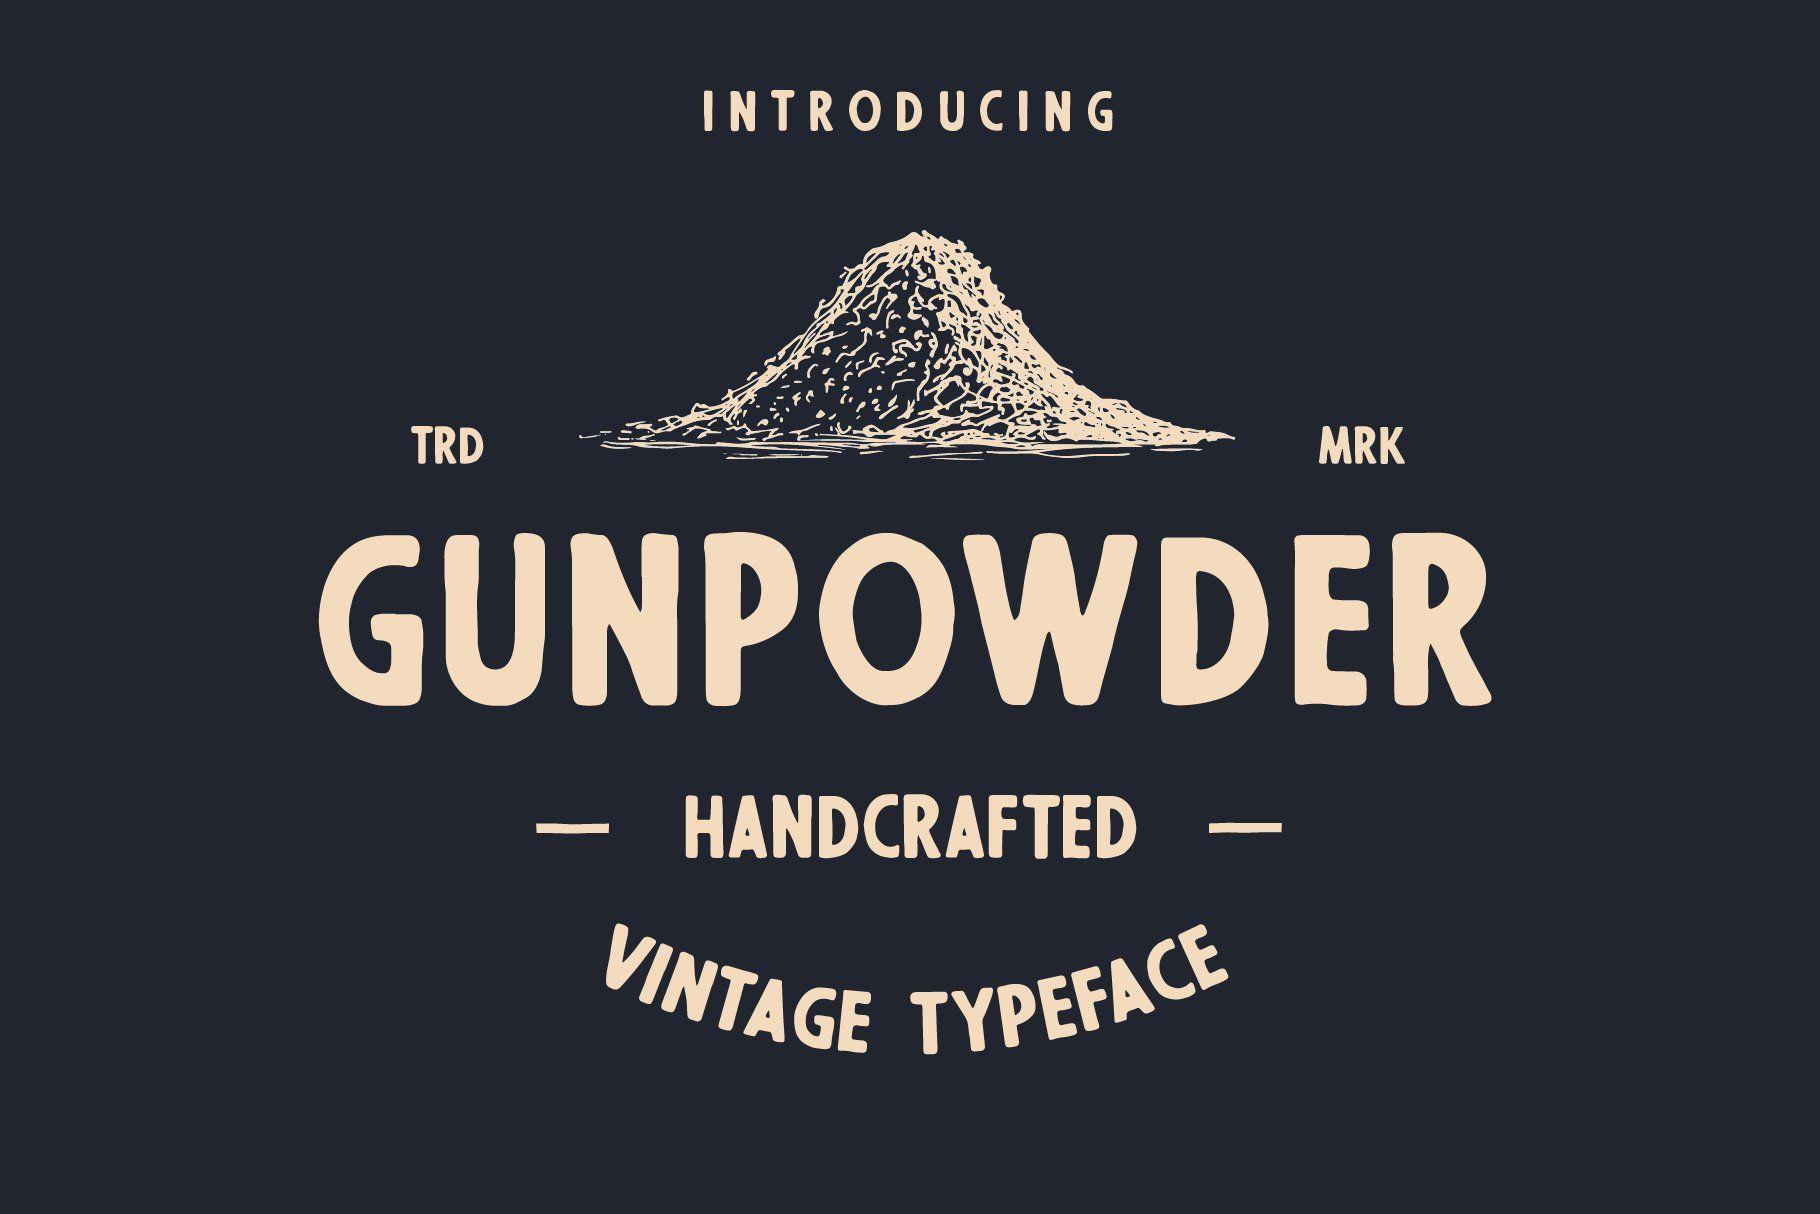 Gunpowder Vintage Type In 2020 Vintage Type Gunpowder Vintage Fonts